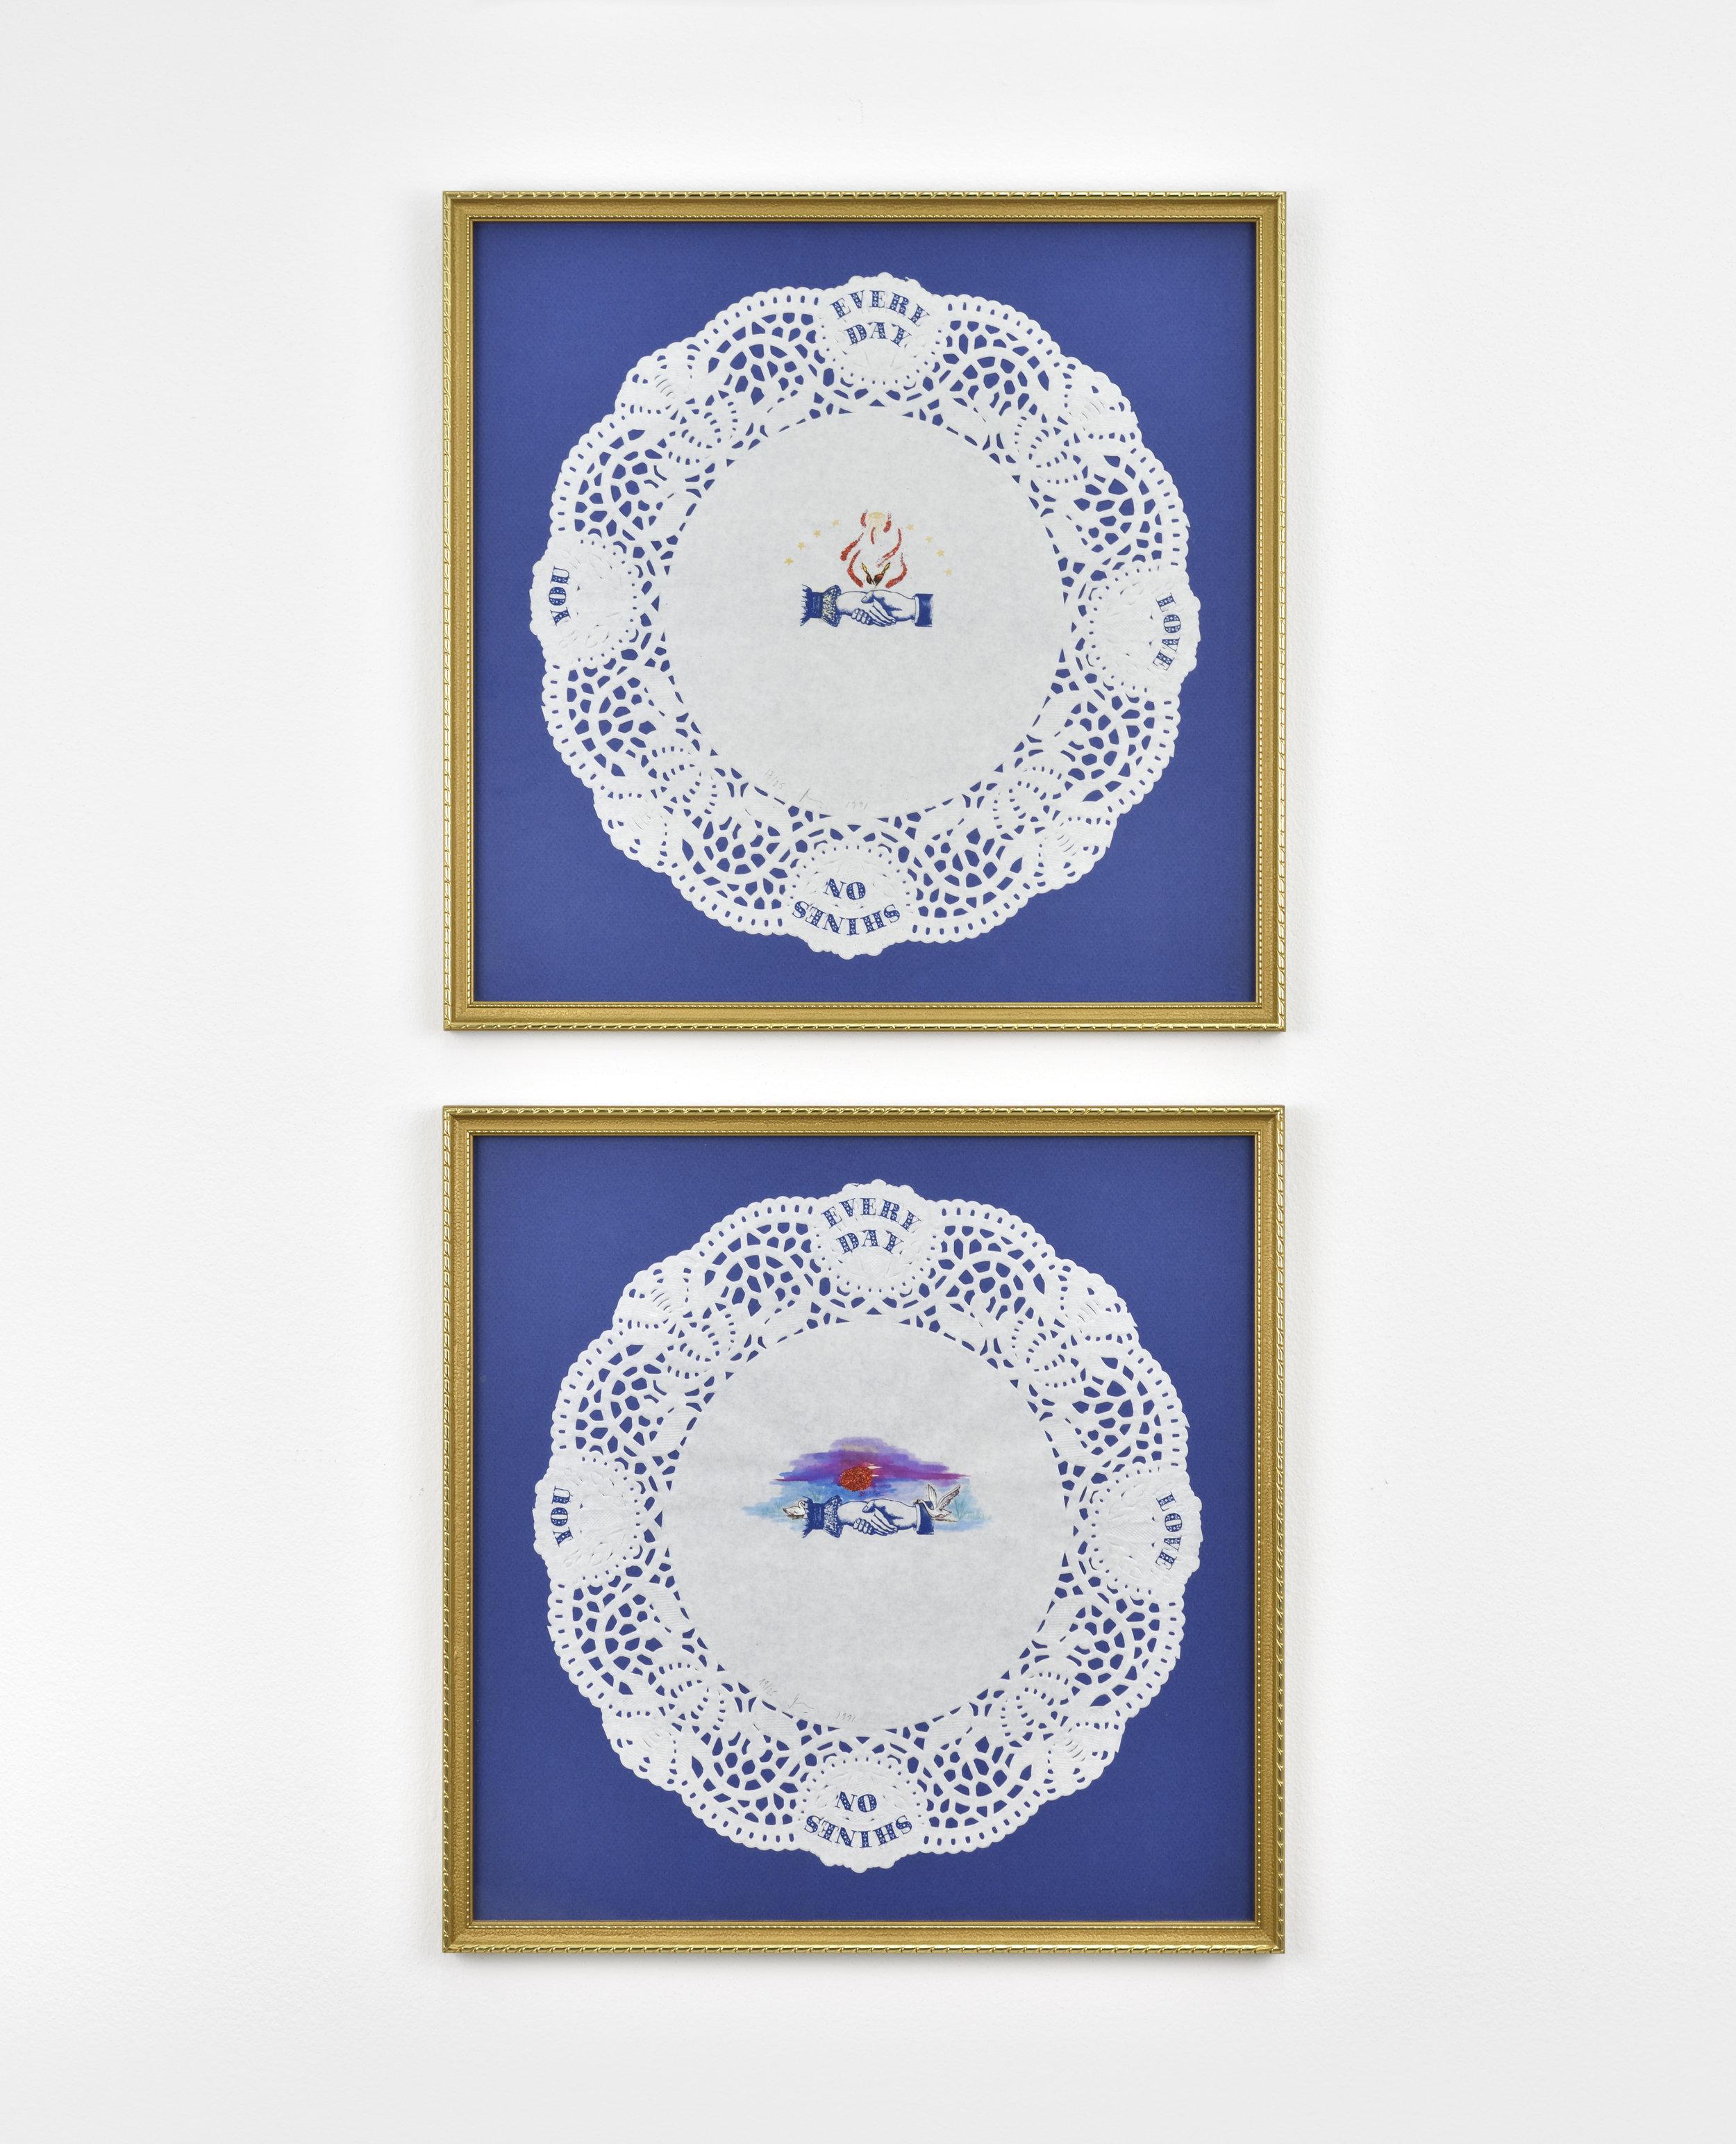 Françoise Quardon Untitled, 1991 lace paper placemat, watercolour drawing 14 9/16 x 14 9/16 in (37 x 37 cm)